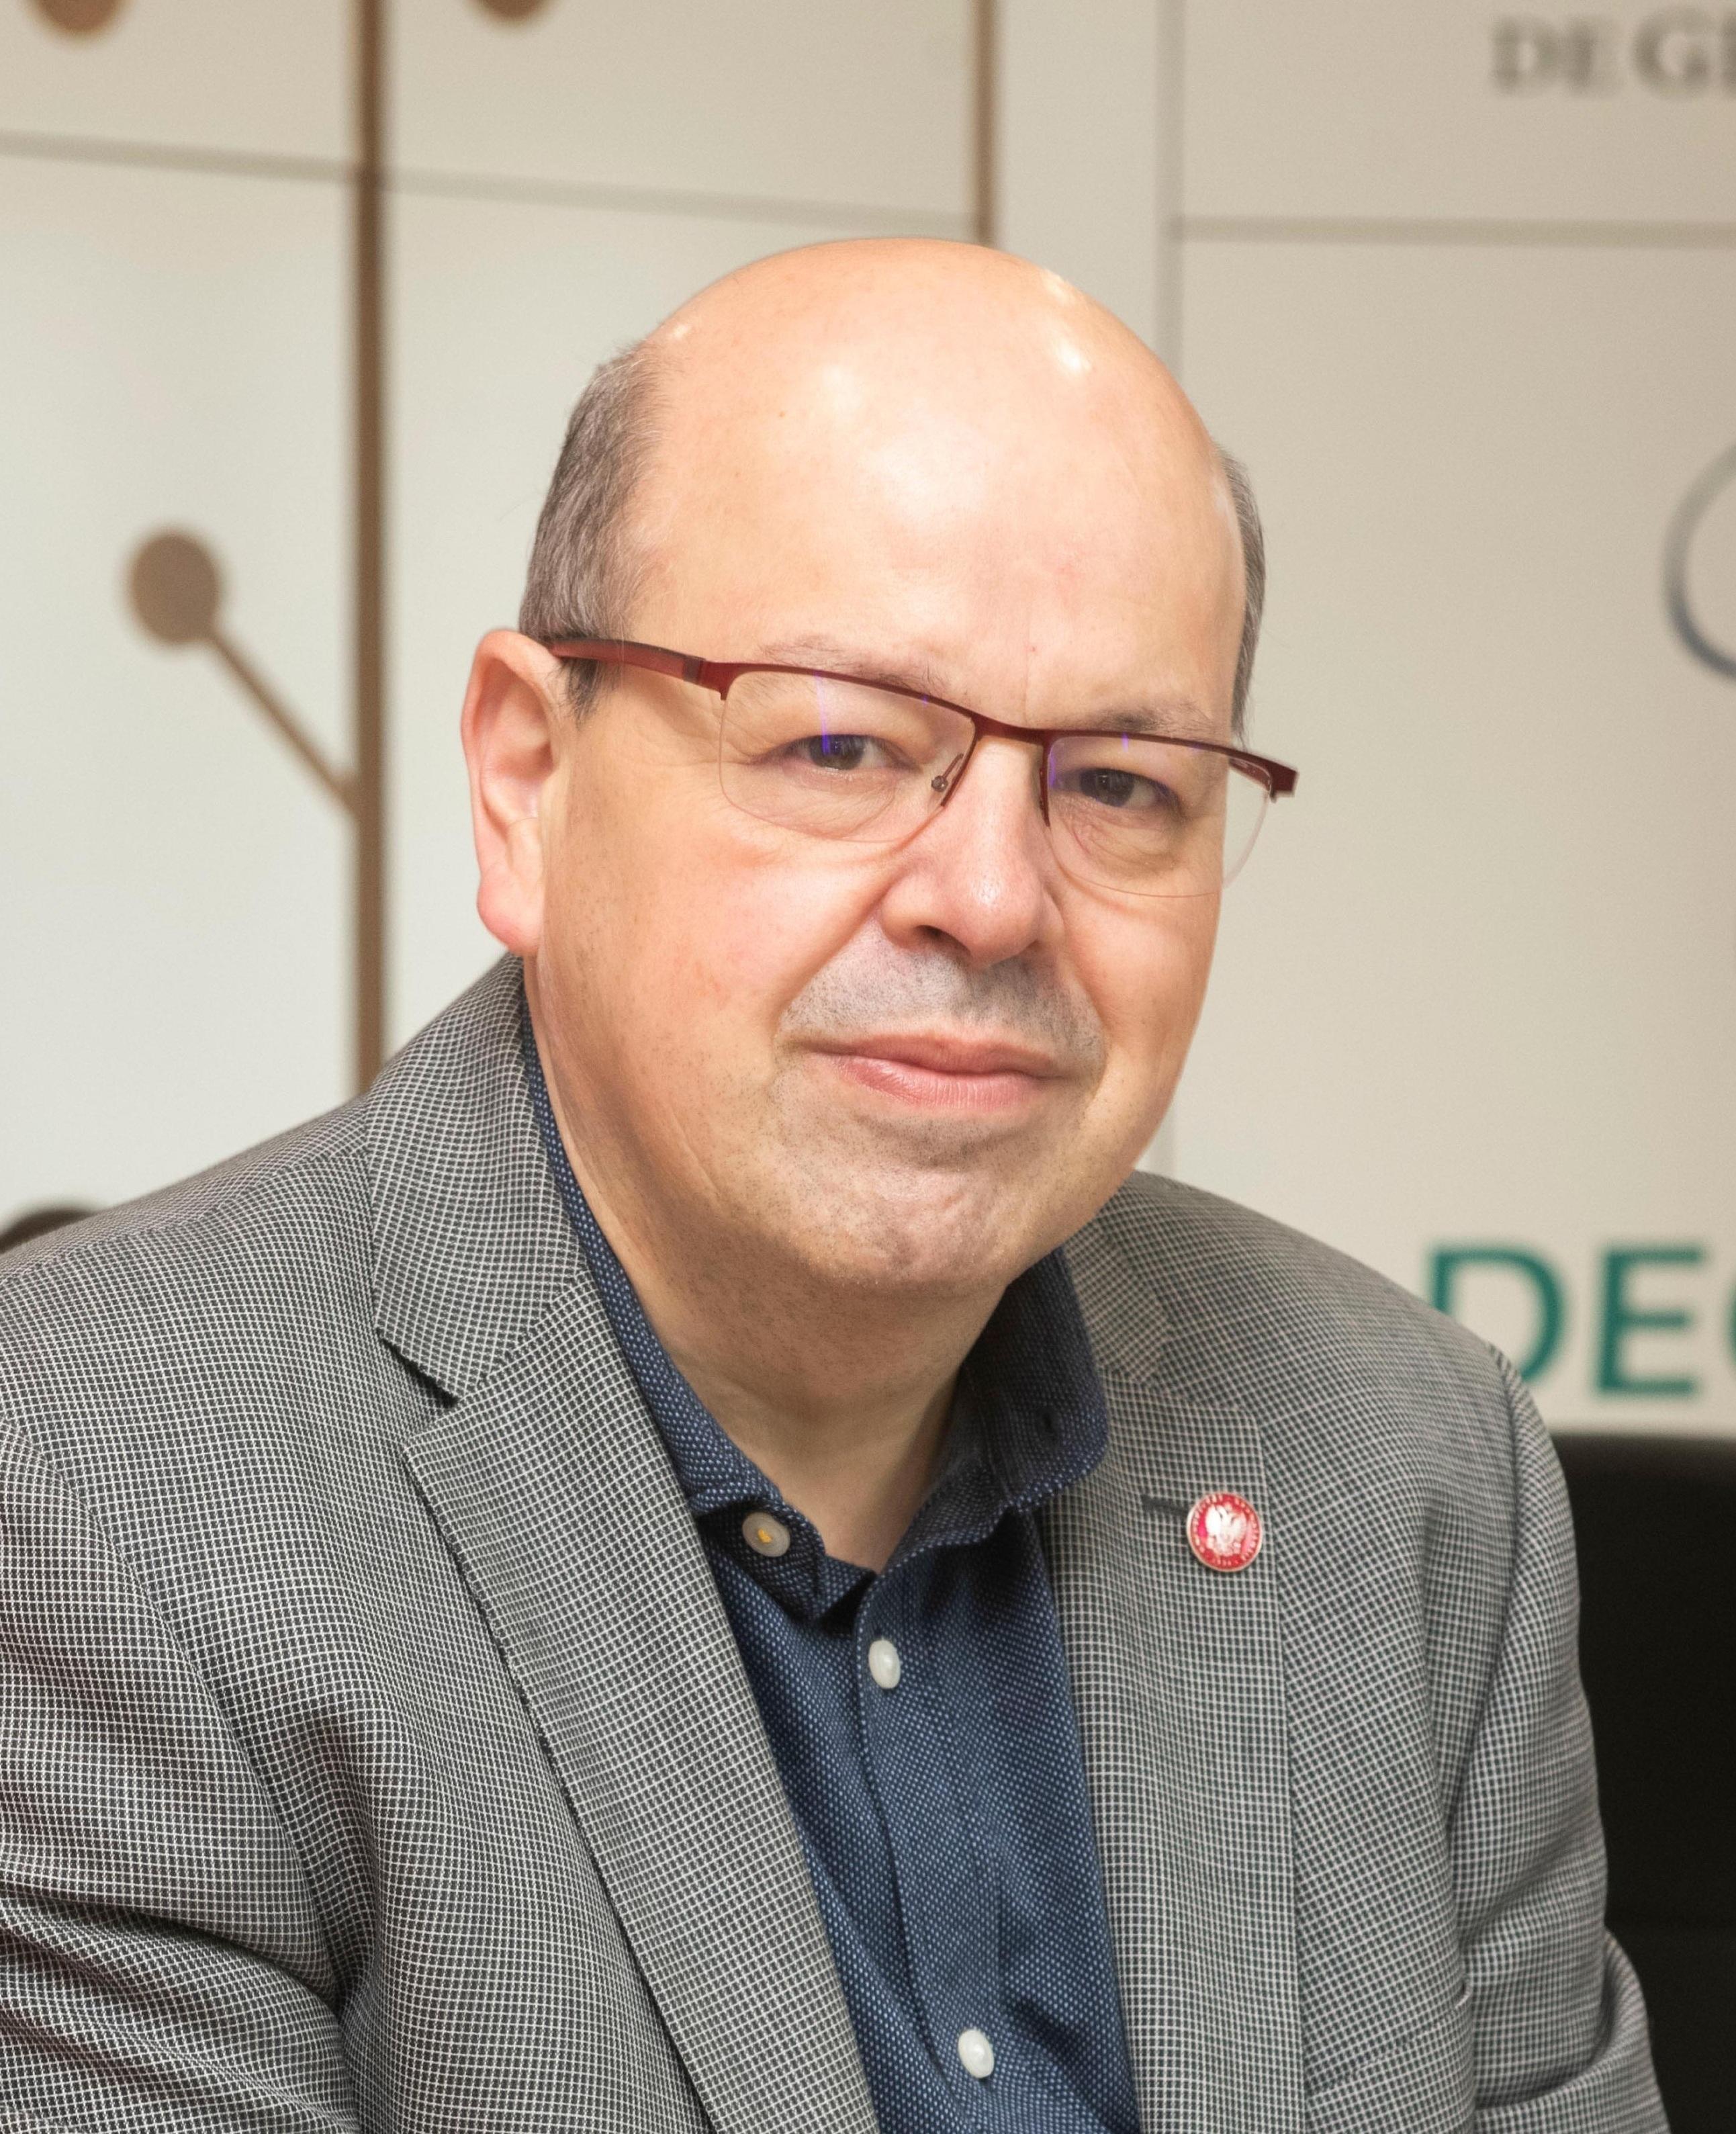 El catedrático de la UGR Francisco Herrera formará parte del Consejo Asesor de Inteligencia Artificial del Gobierno de España